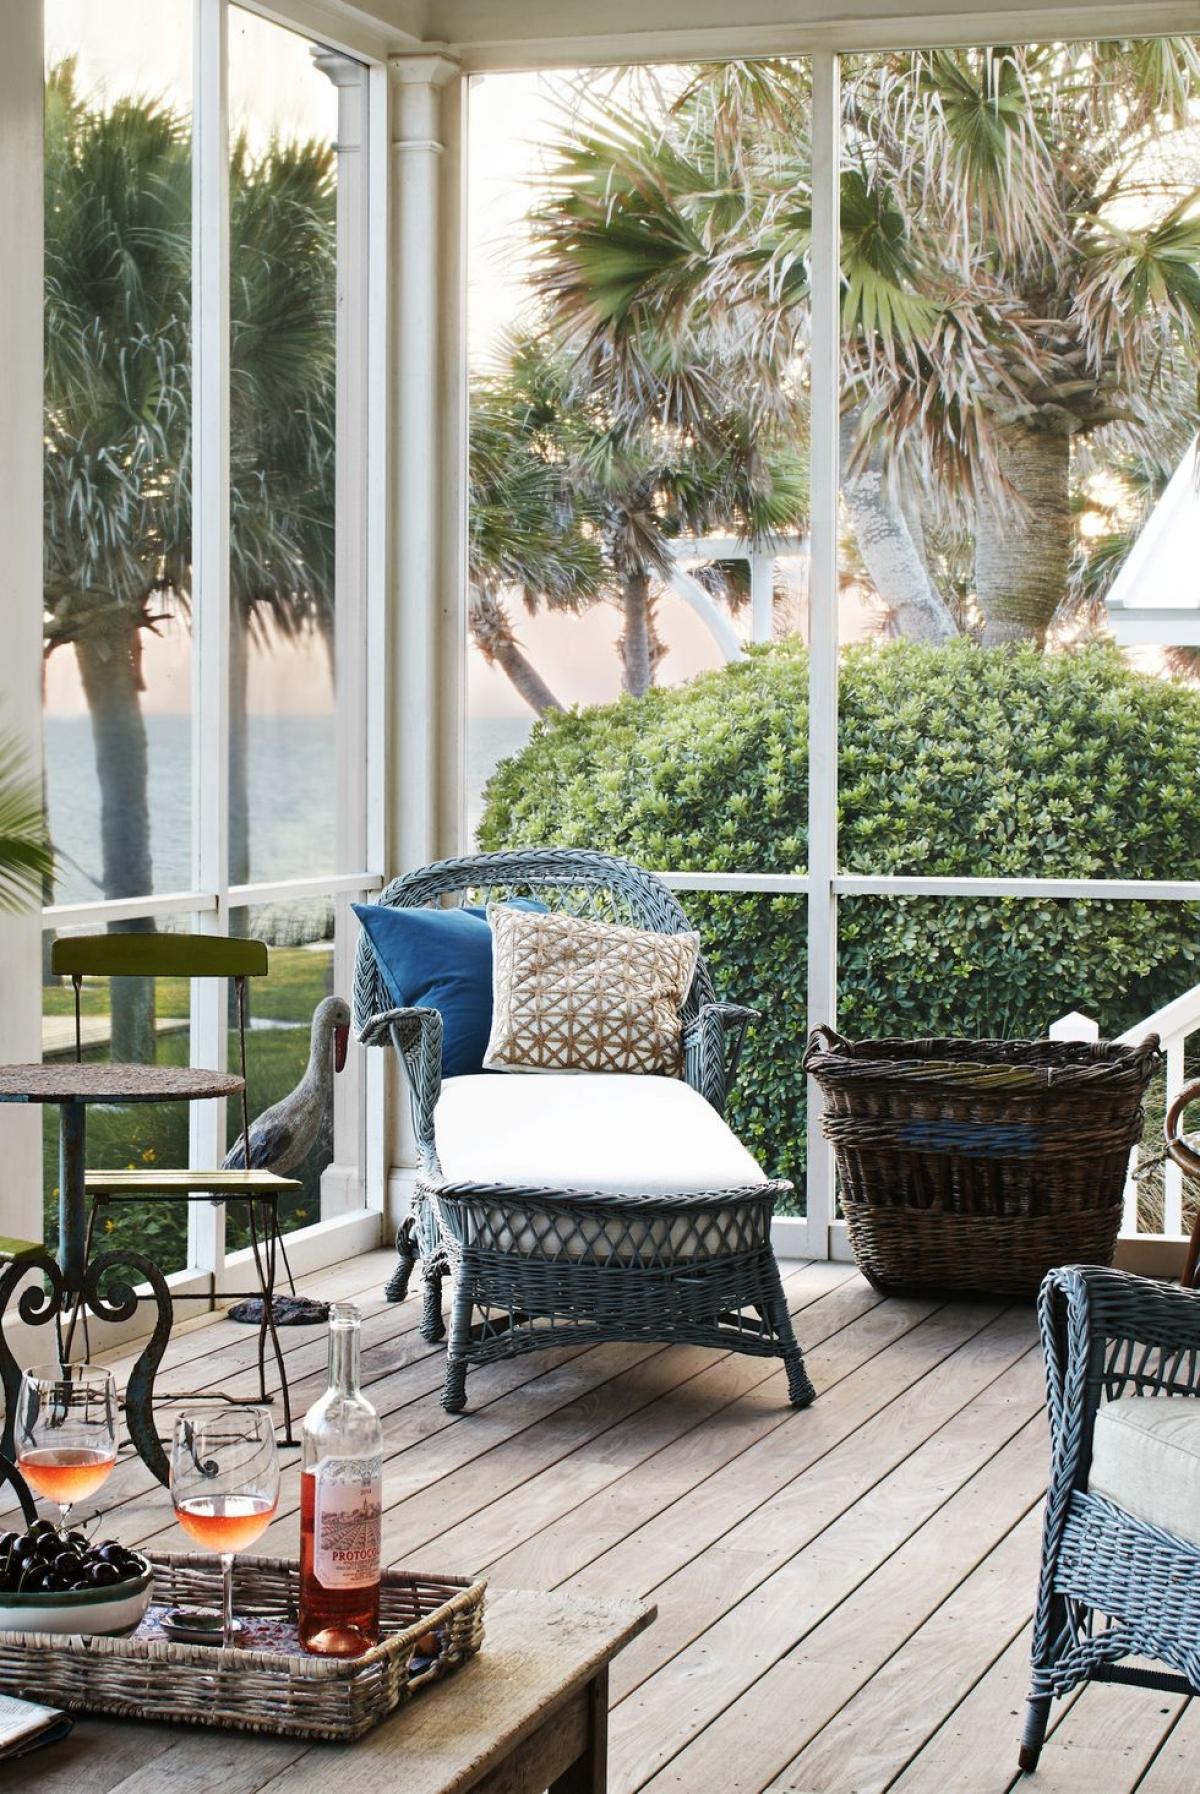 Sơn lại đồ đạc trong nhà: Đây là một ý tưởng không tồi để làm mới căn nhà của bạn. Hãy mạnh dạn với màu xanh nước biển hoặc màu vàng tươi tắn.